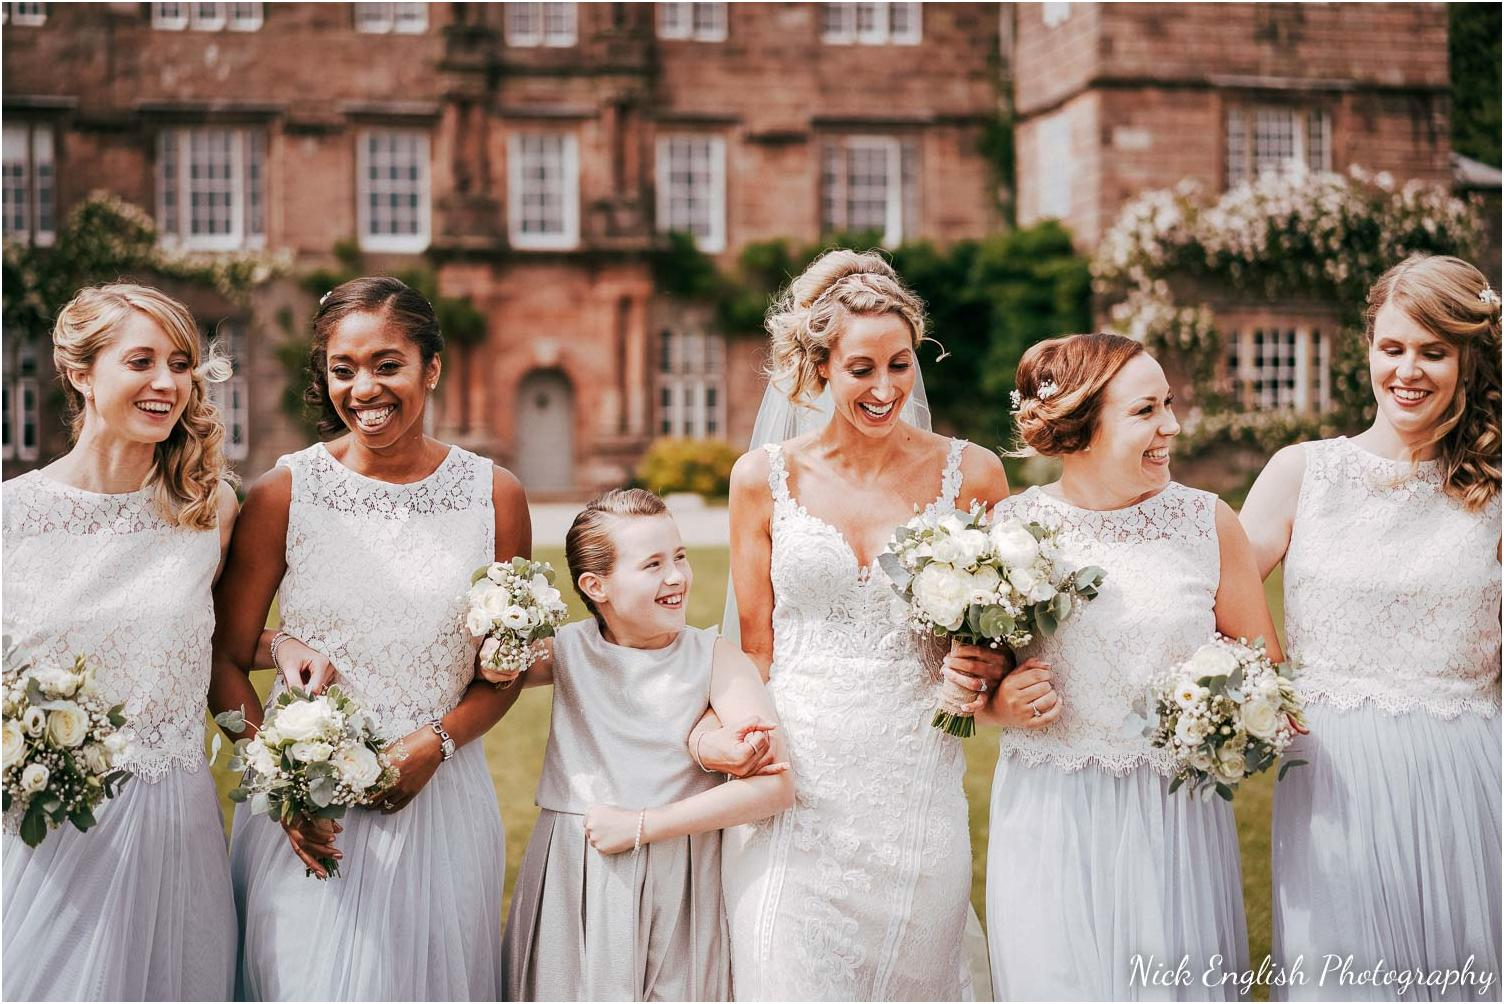 Browsholme_Hall_Tithe_Barn_Wedding_Photographer_Lancashire-71.jpg